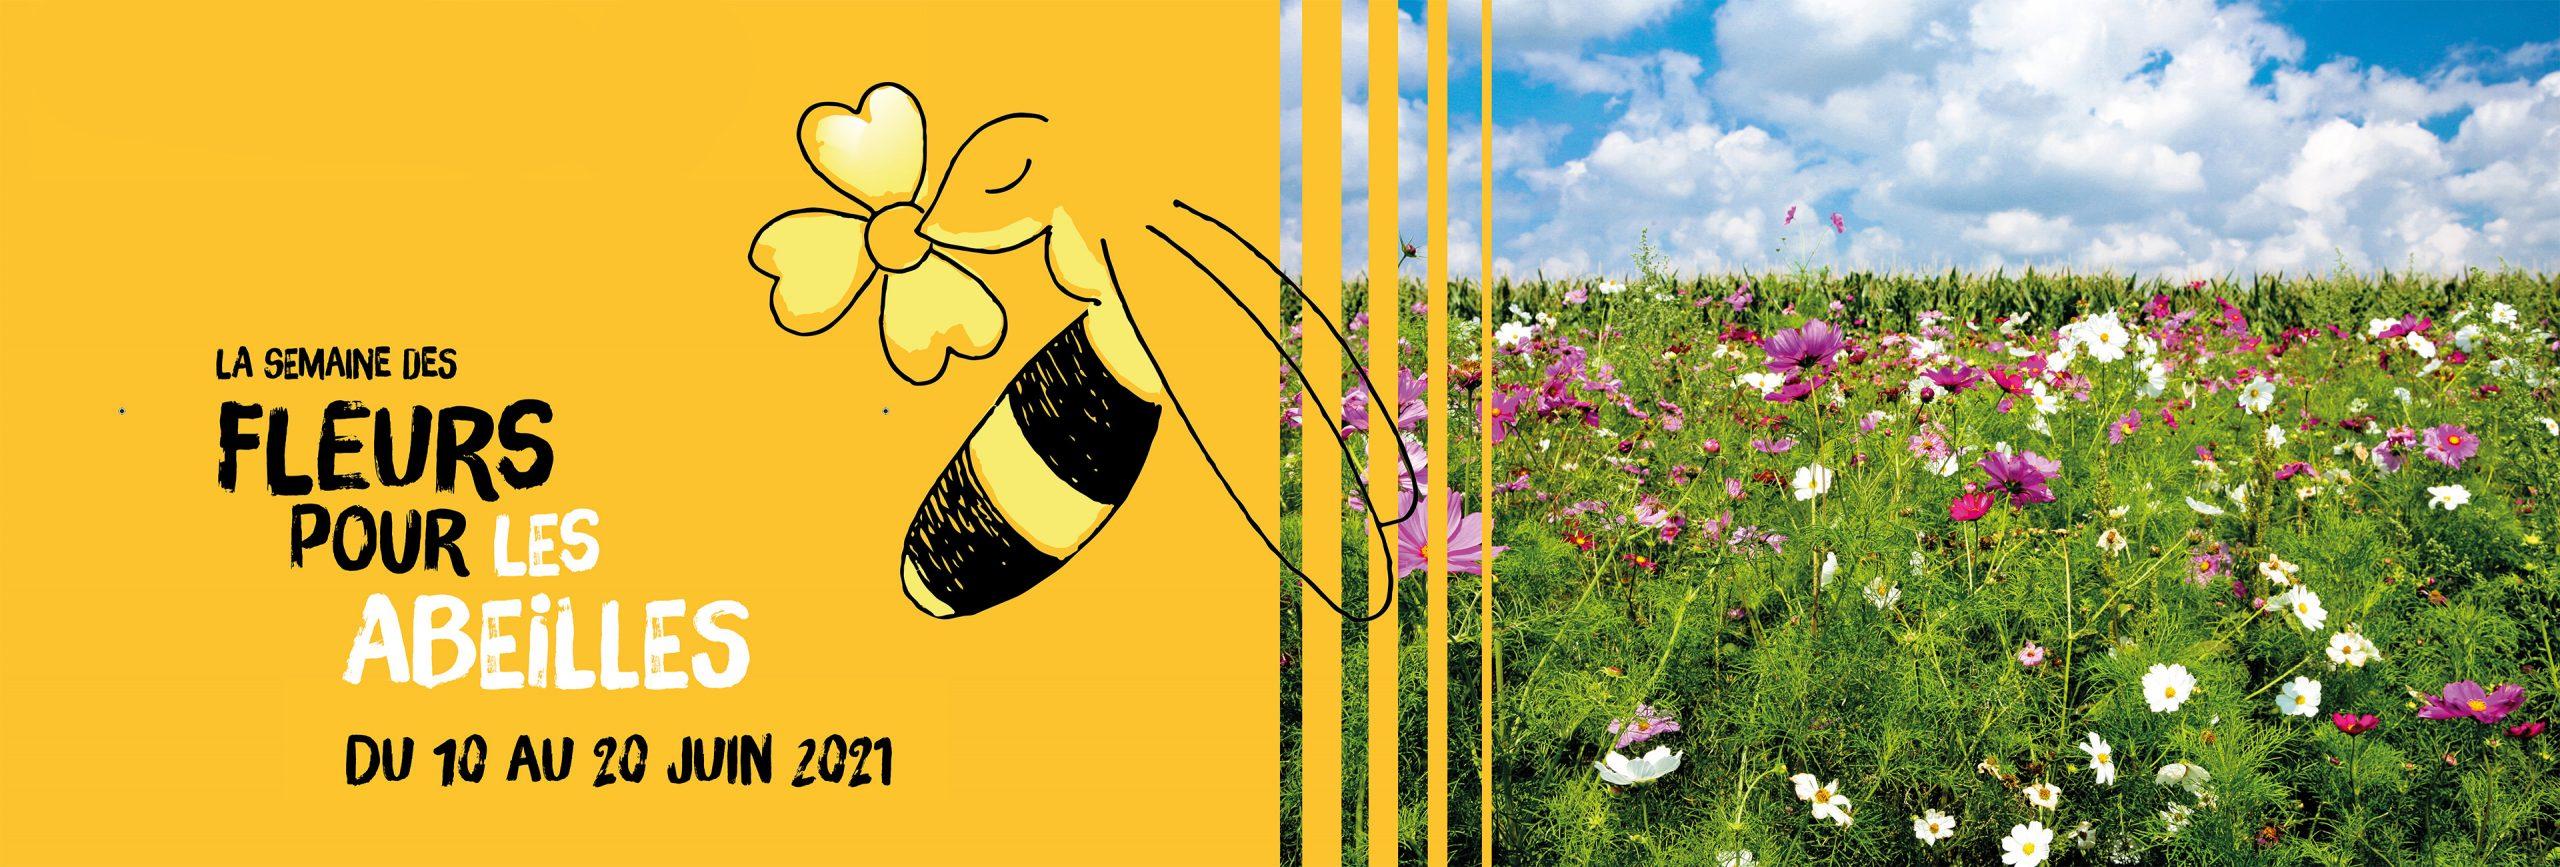 Semaine des fleurs pour les abeilles, groupe terres du sud